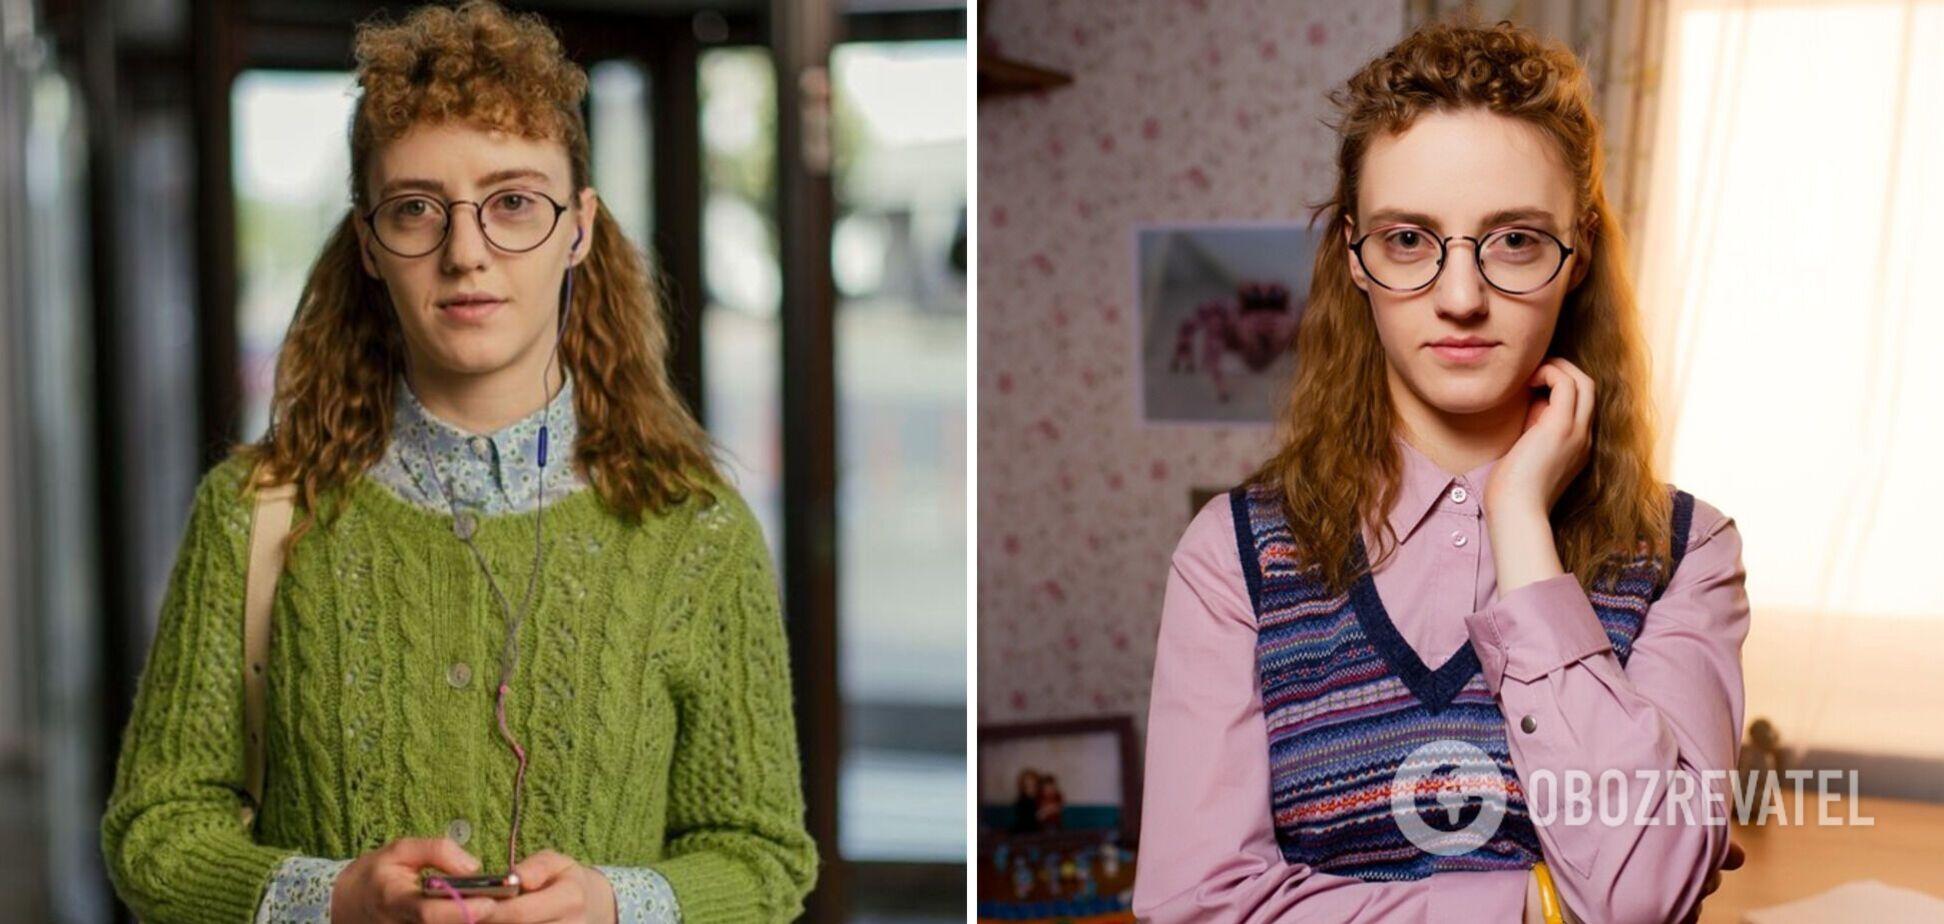 Як змінилася героїня серіалу 'Моя улюблена Страшко' заради ролі. Відео